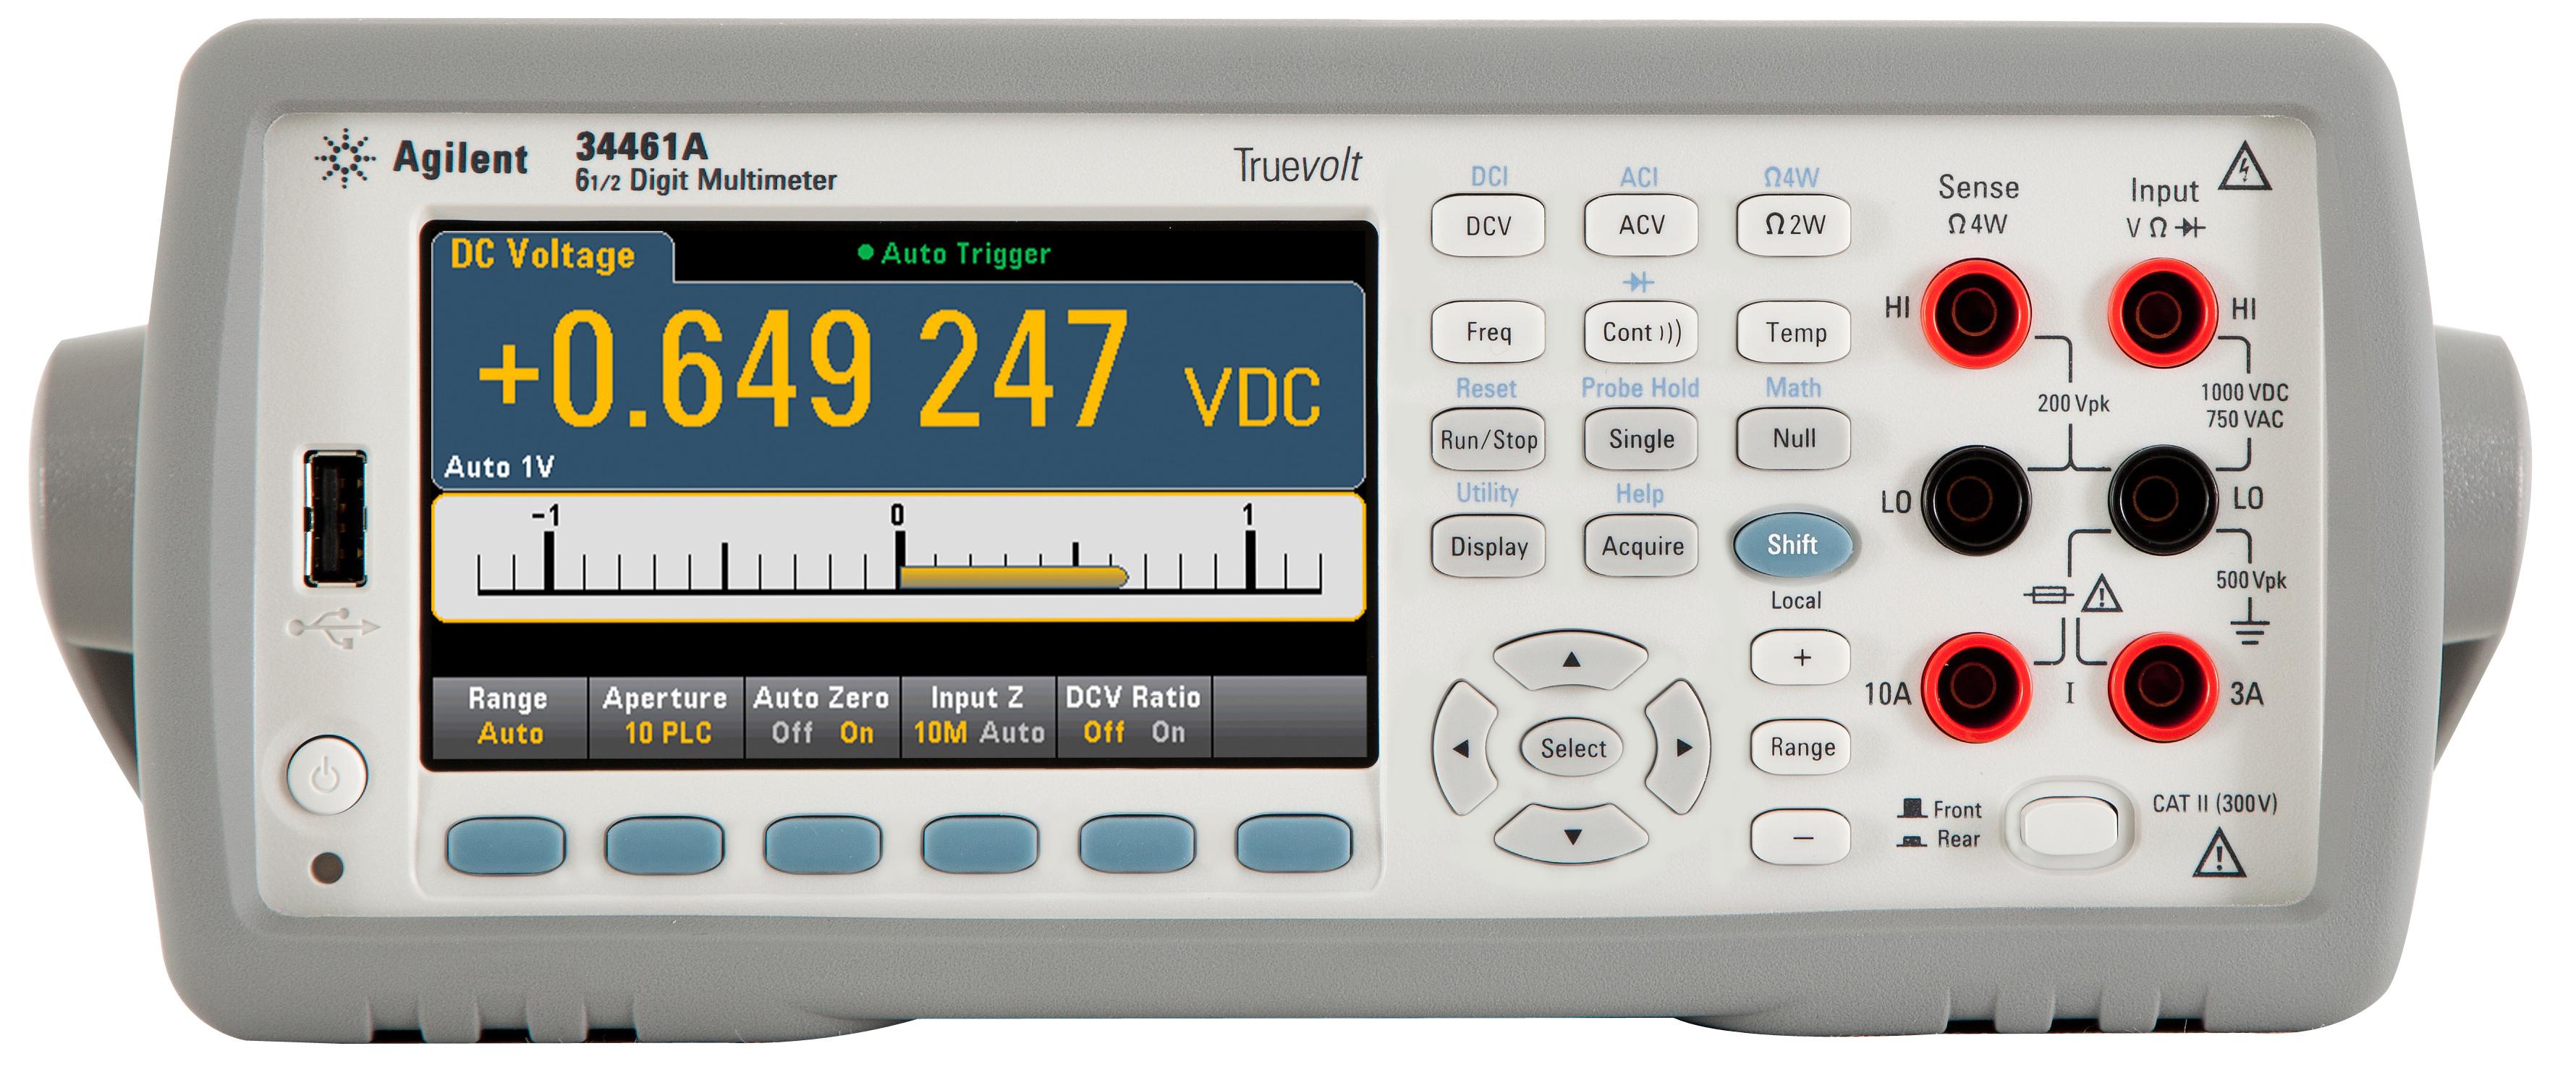 Новое поколение 6 1/2 -разрядных цифровых мультиметров от Agilent